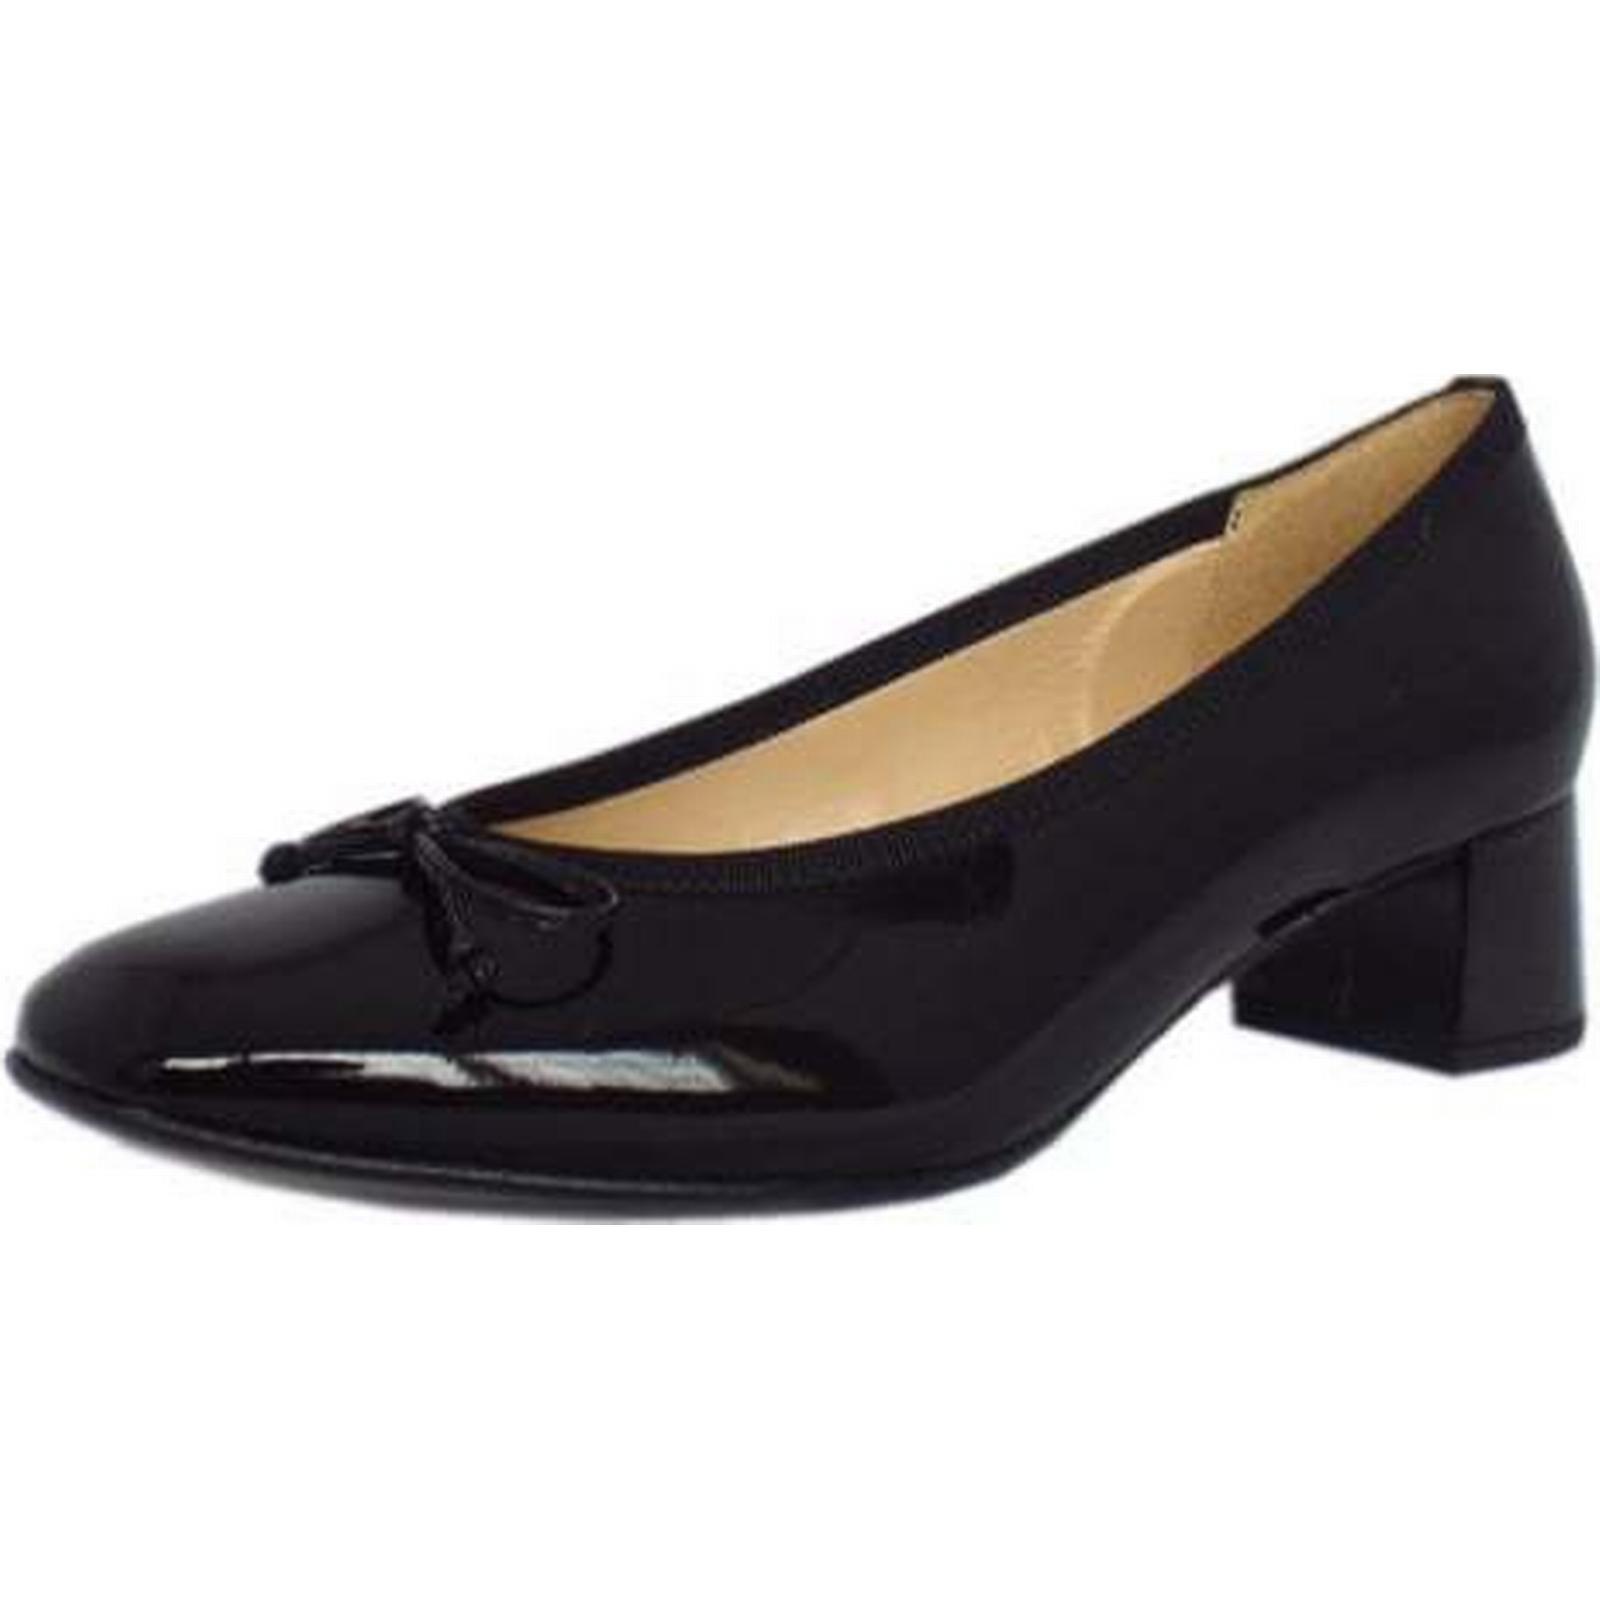 Gabor BELFAST GABOUR LADIES LADIES GABOUR SHOES Size: 3, Colour: BLACK PATN 1a086b